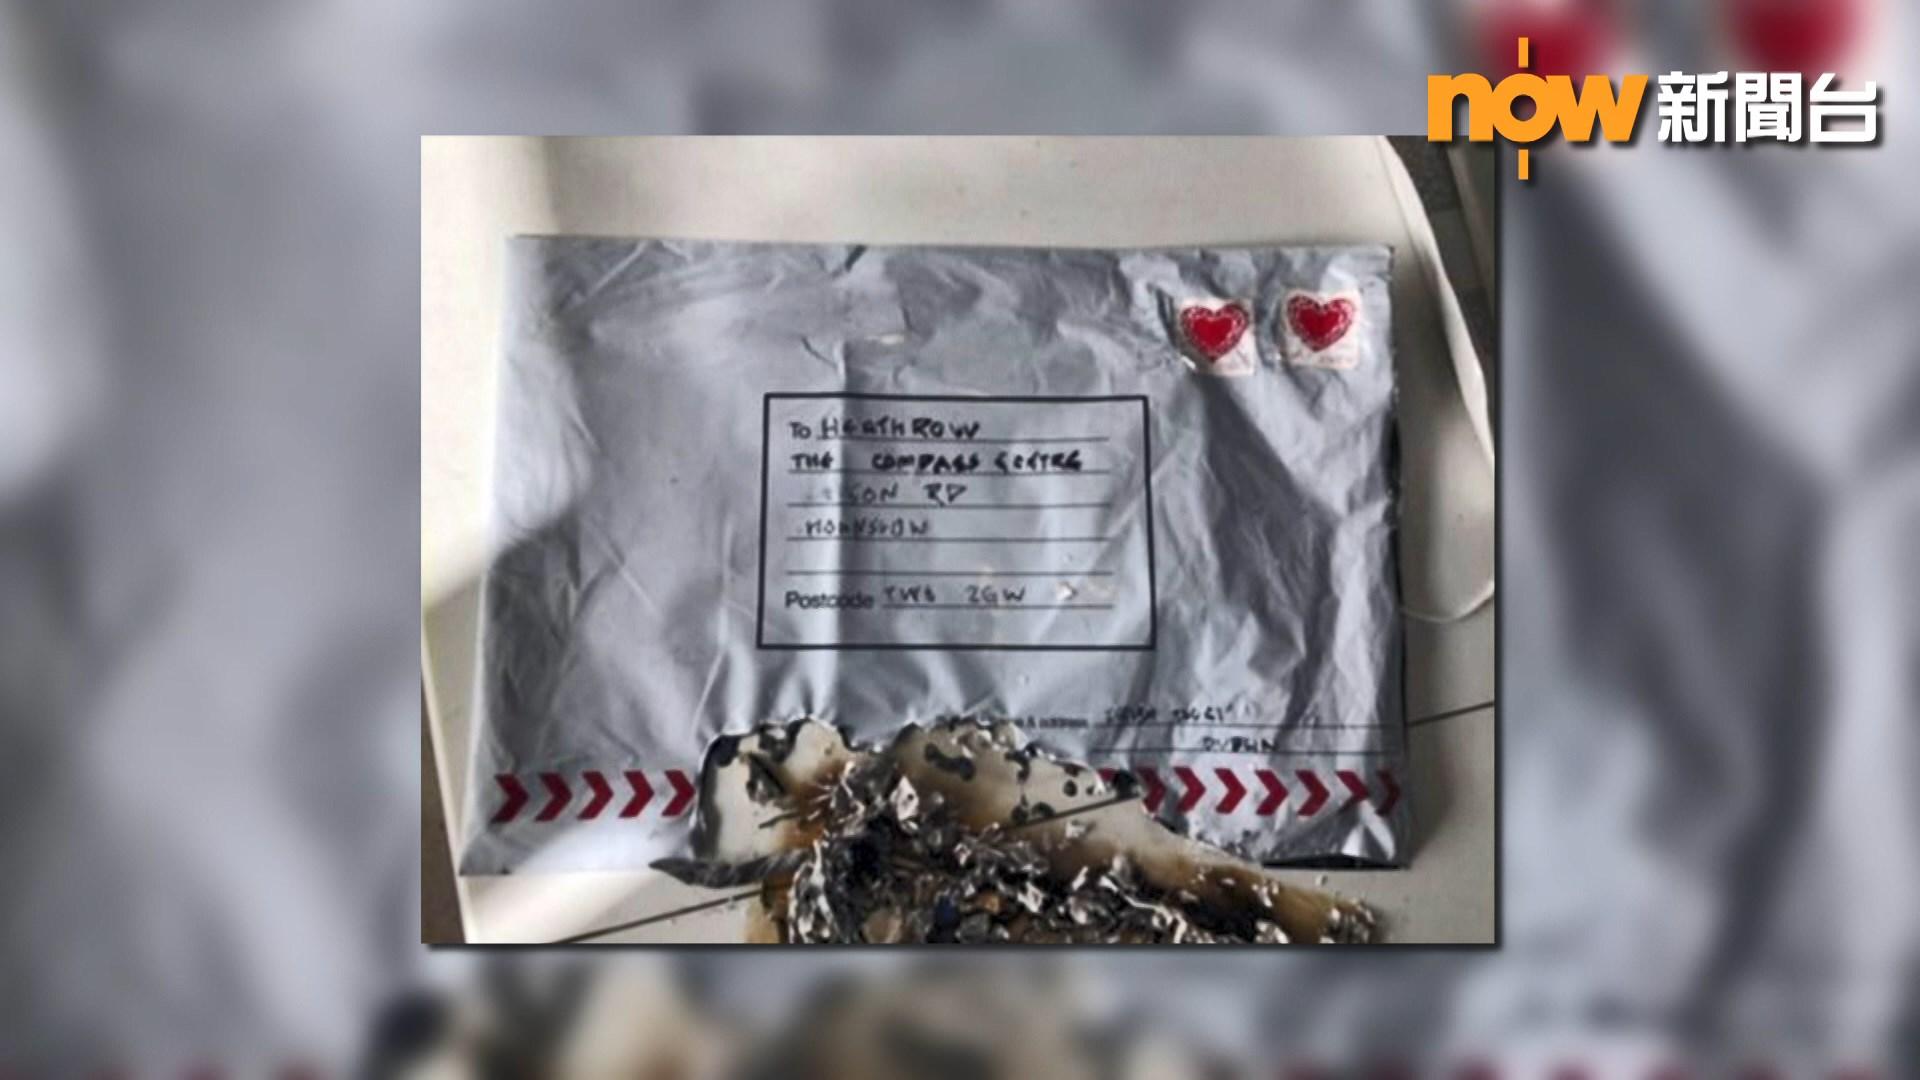 反恐部門接手調查倫敦爆炸裝置郵包案